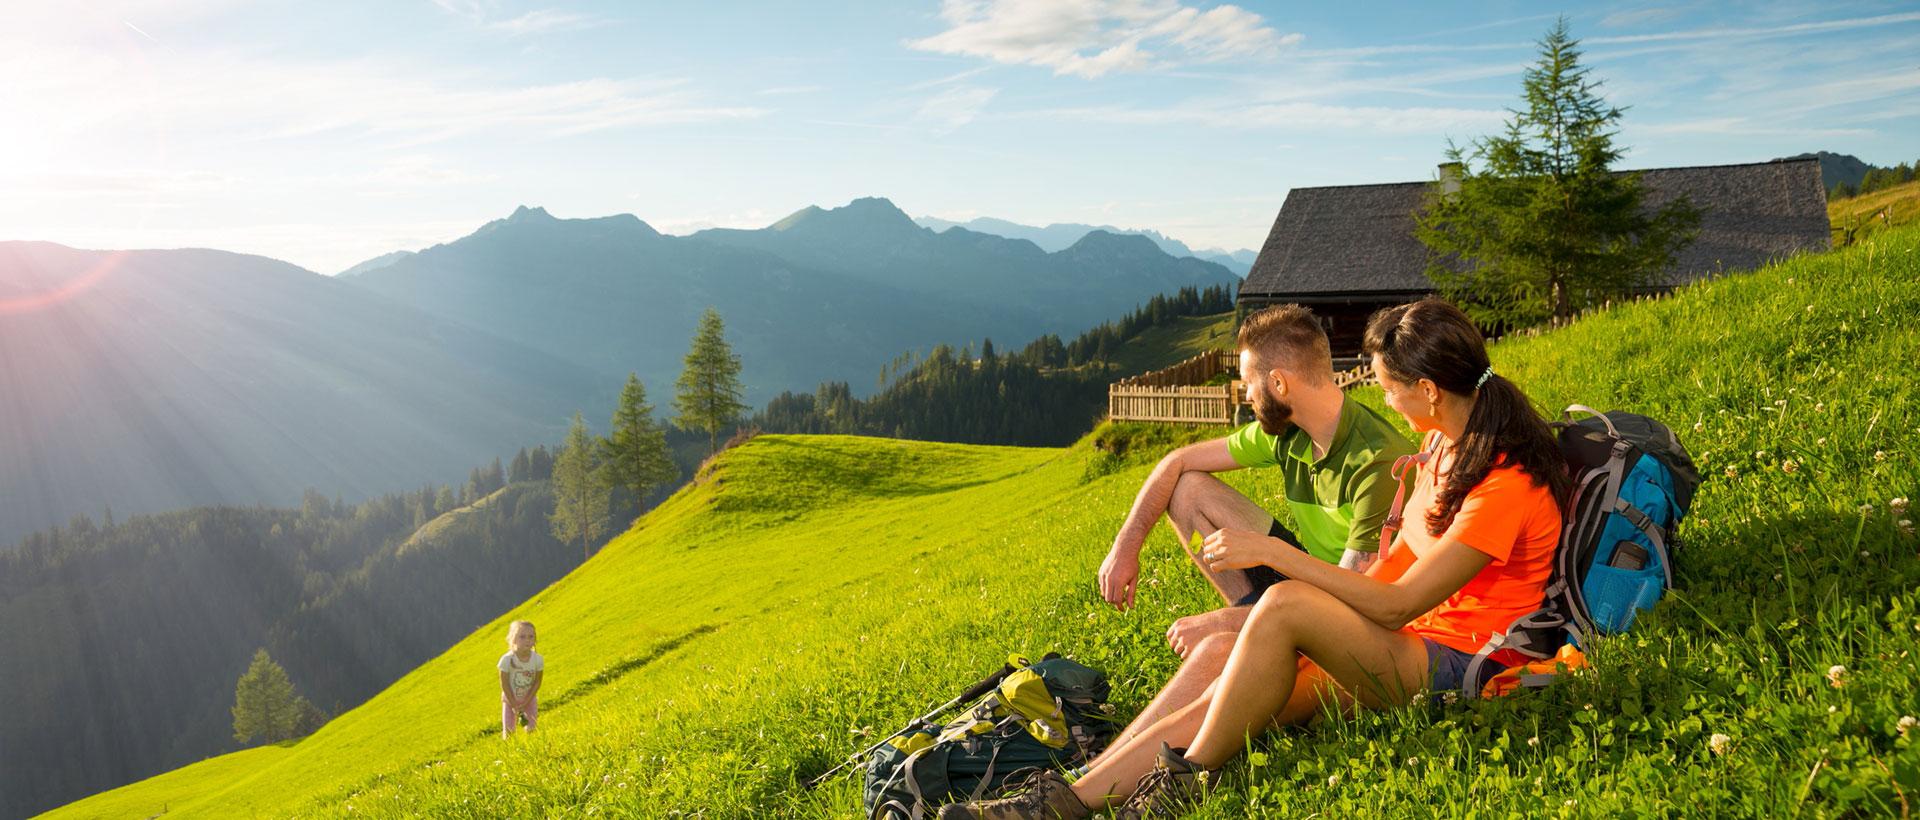 Wandern & Bergsteigen - Wanderurlaub in Großarl